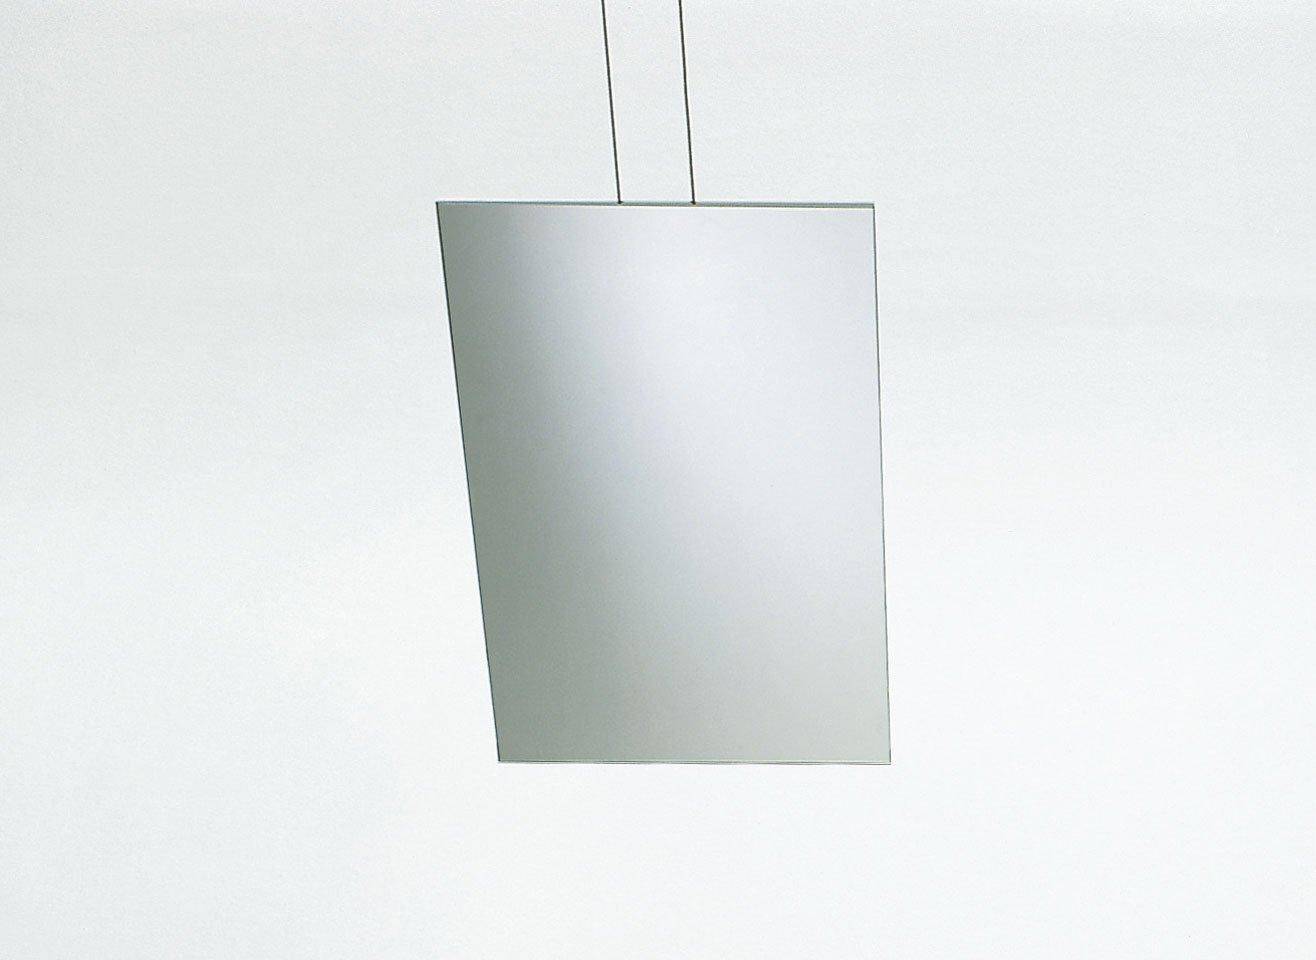 Agape, Minuetto Specchio 26x40 cm